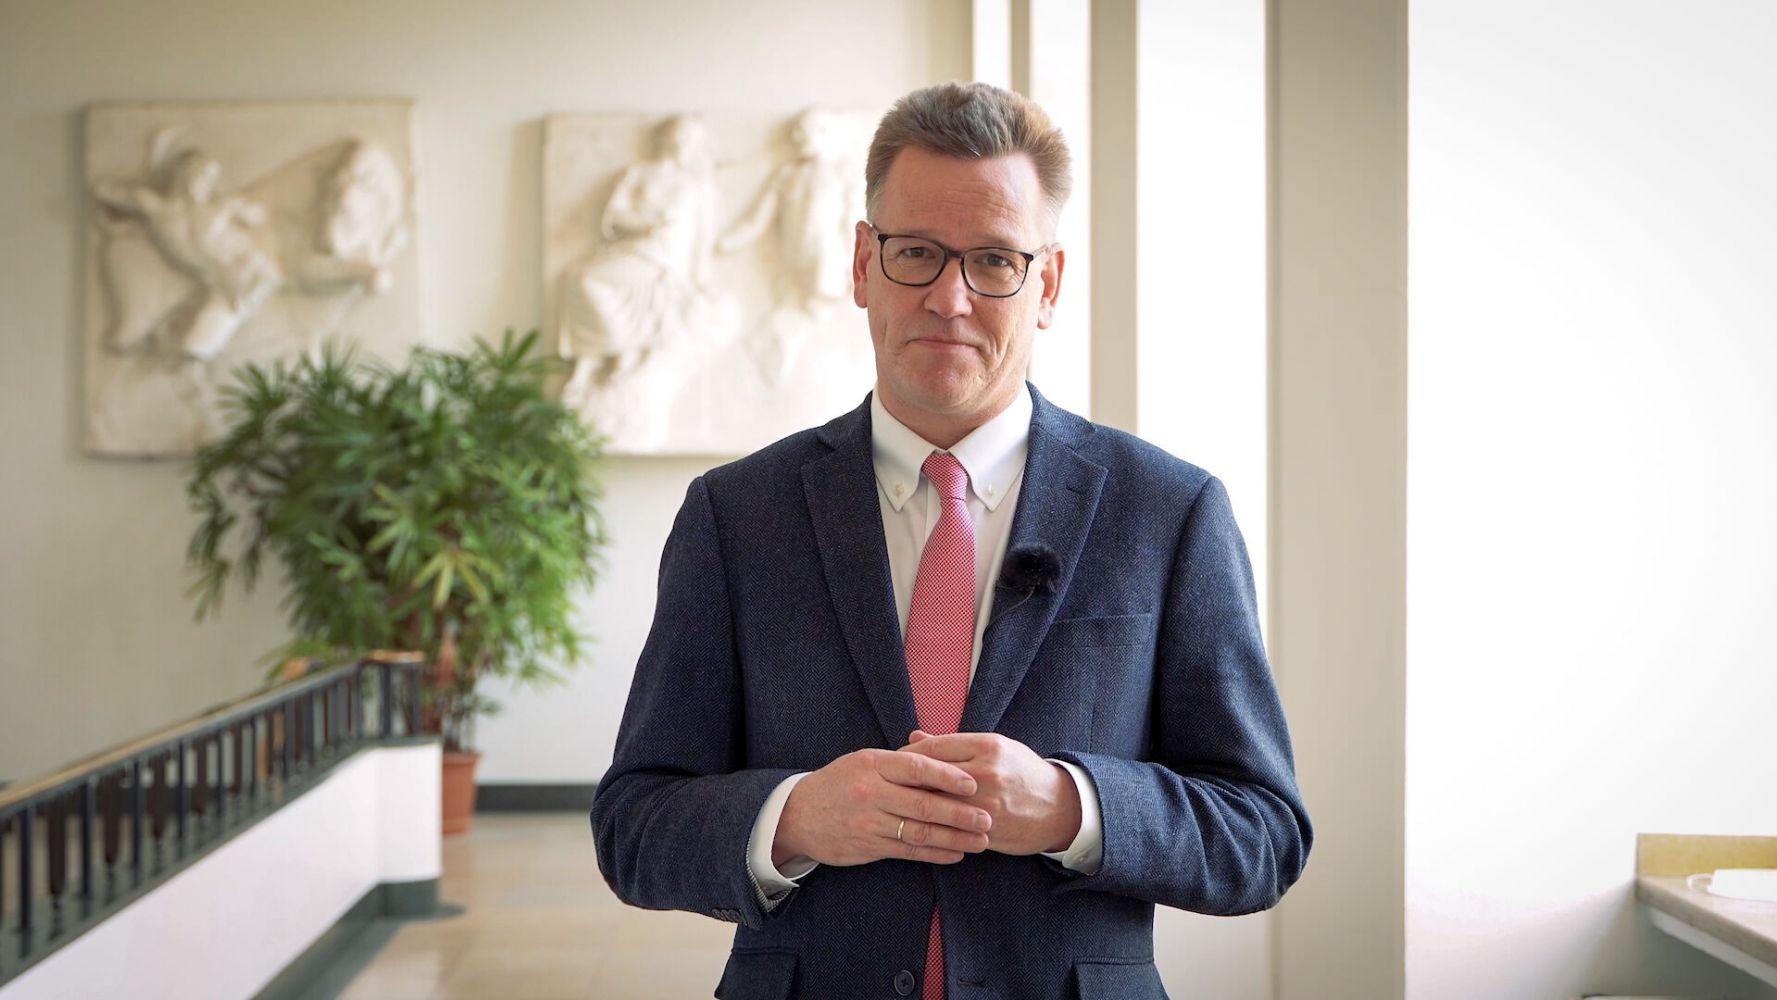 Prof. Dr. Johannes Wessels, Rektor der Westfälischen Wilhelms-Universität Münster, gratuliert zum 50. Geburtstag der FH Münster.